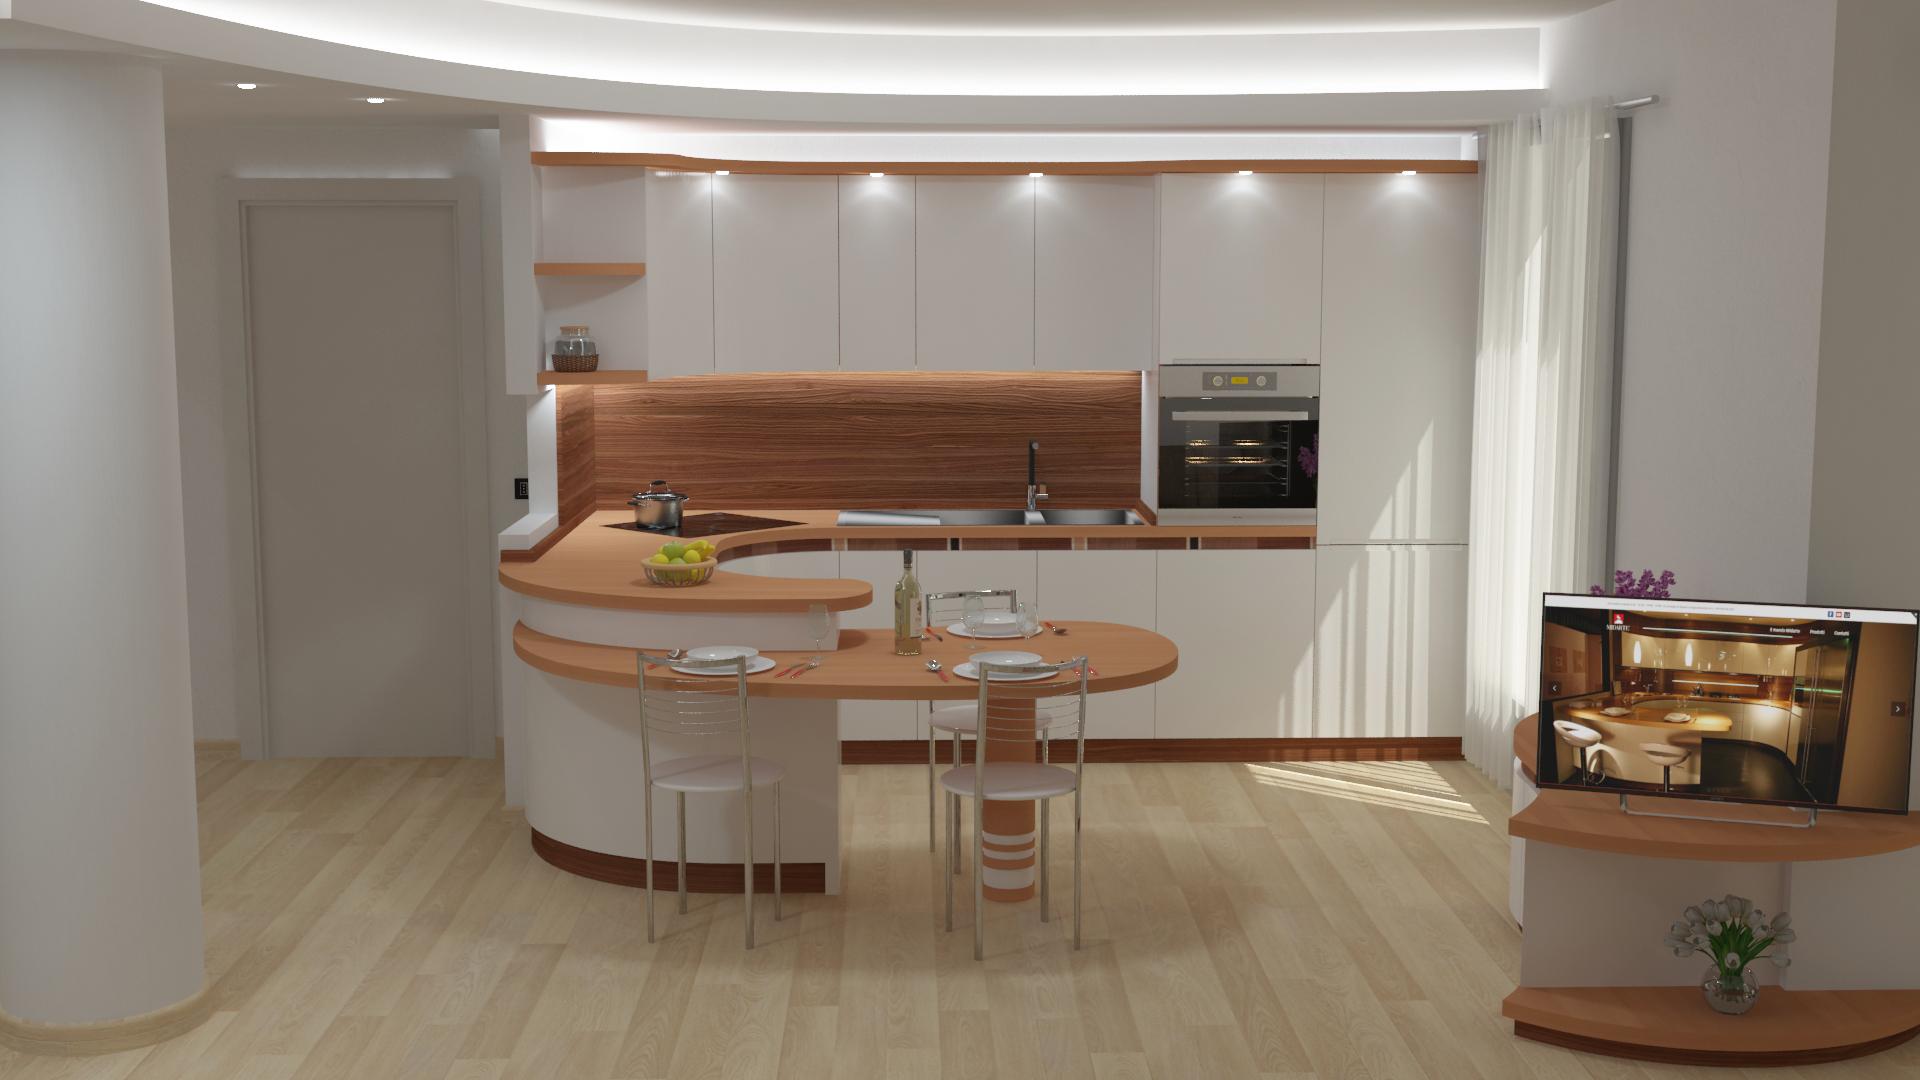 Controsoffitti led illuminazione controsoffitto soggiorno for Luci led cucina